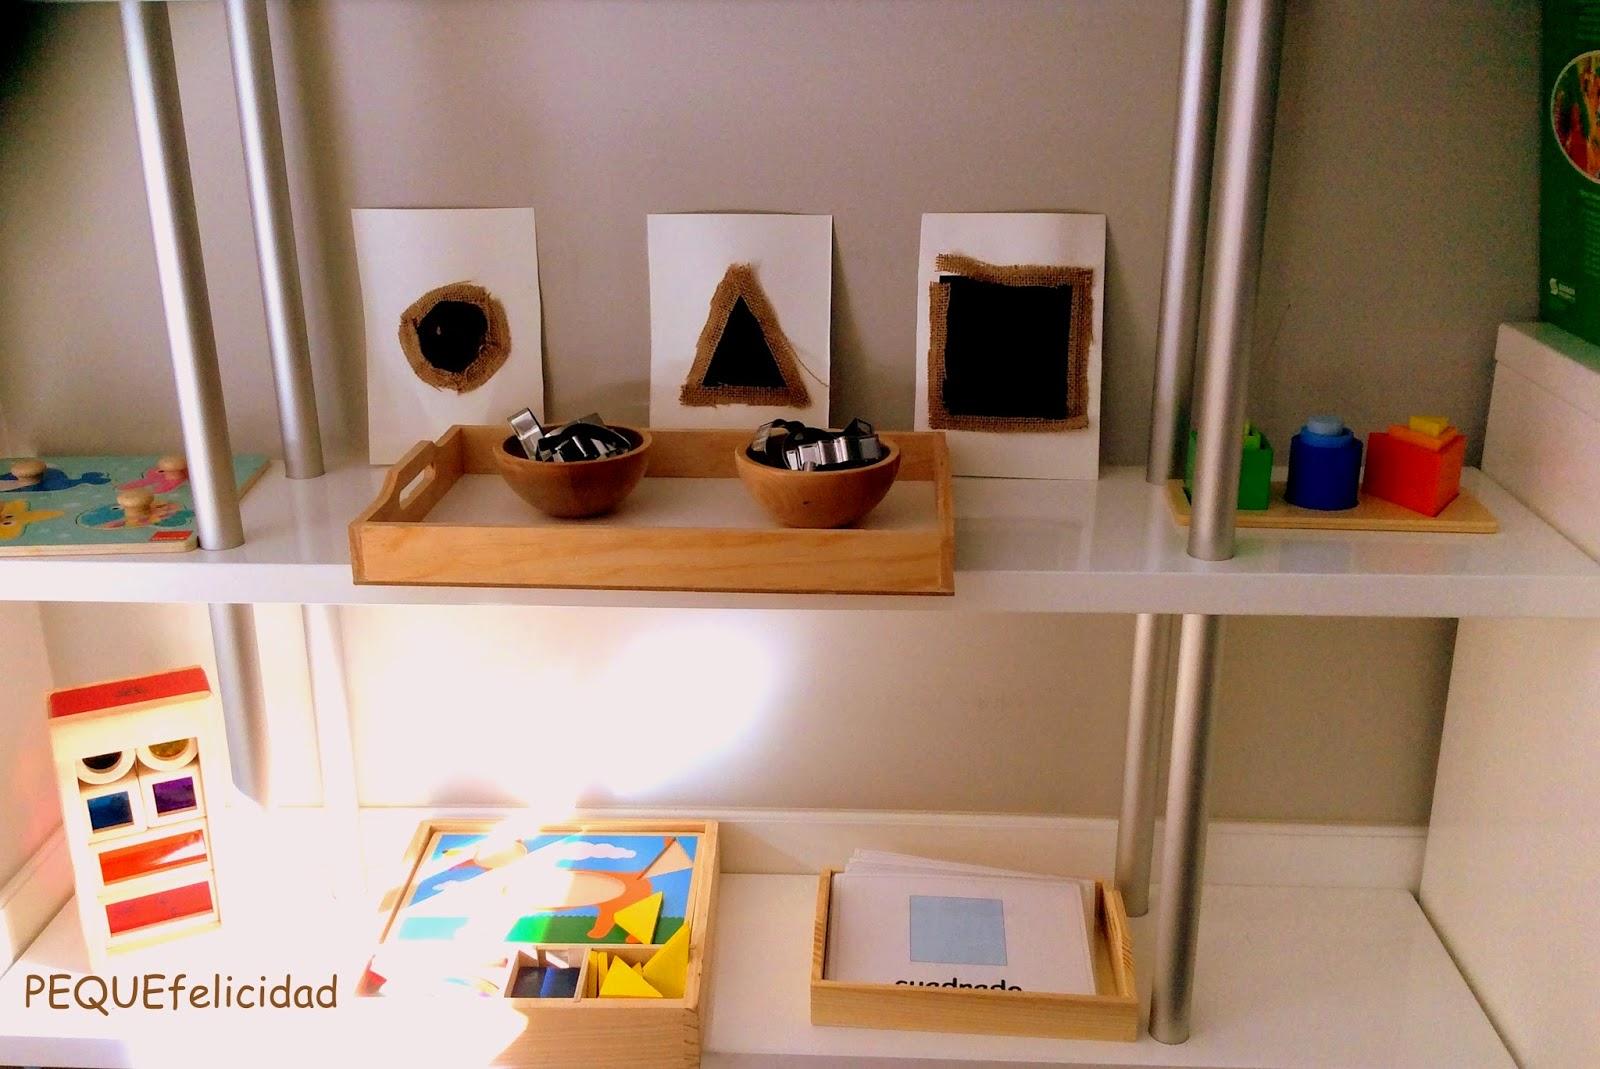 Pequefelicidad Como Empezar A Aplicar El Metodo Montessori En Casa